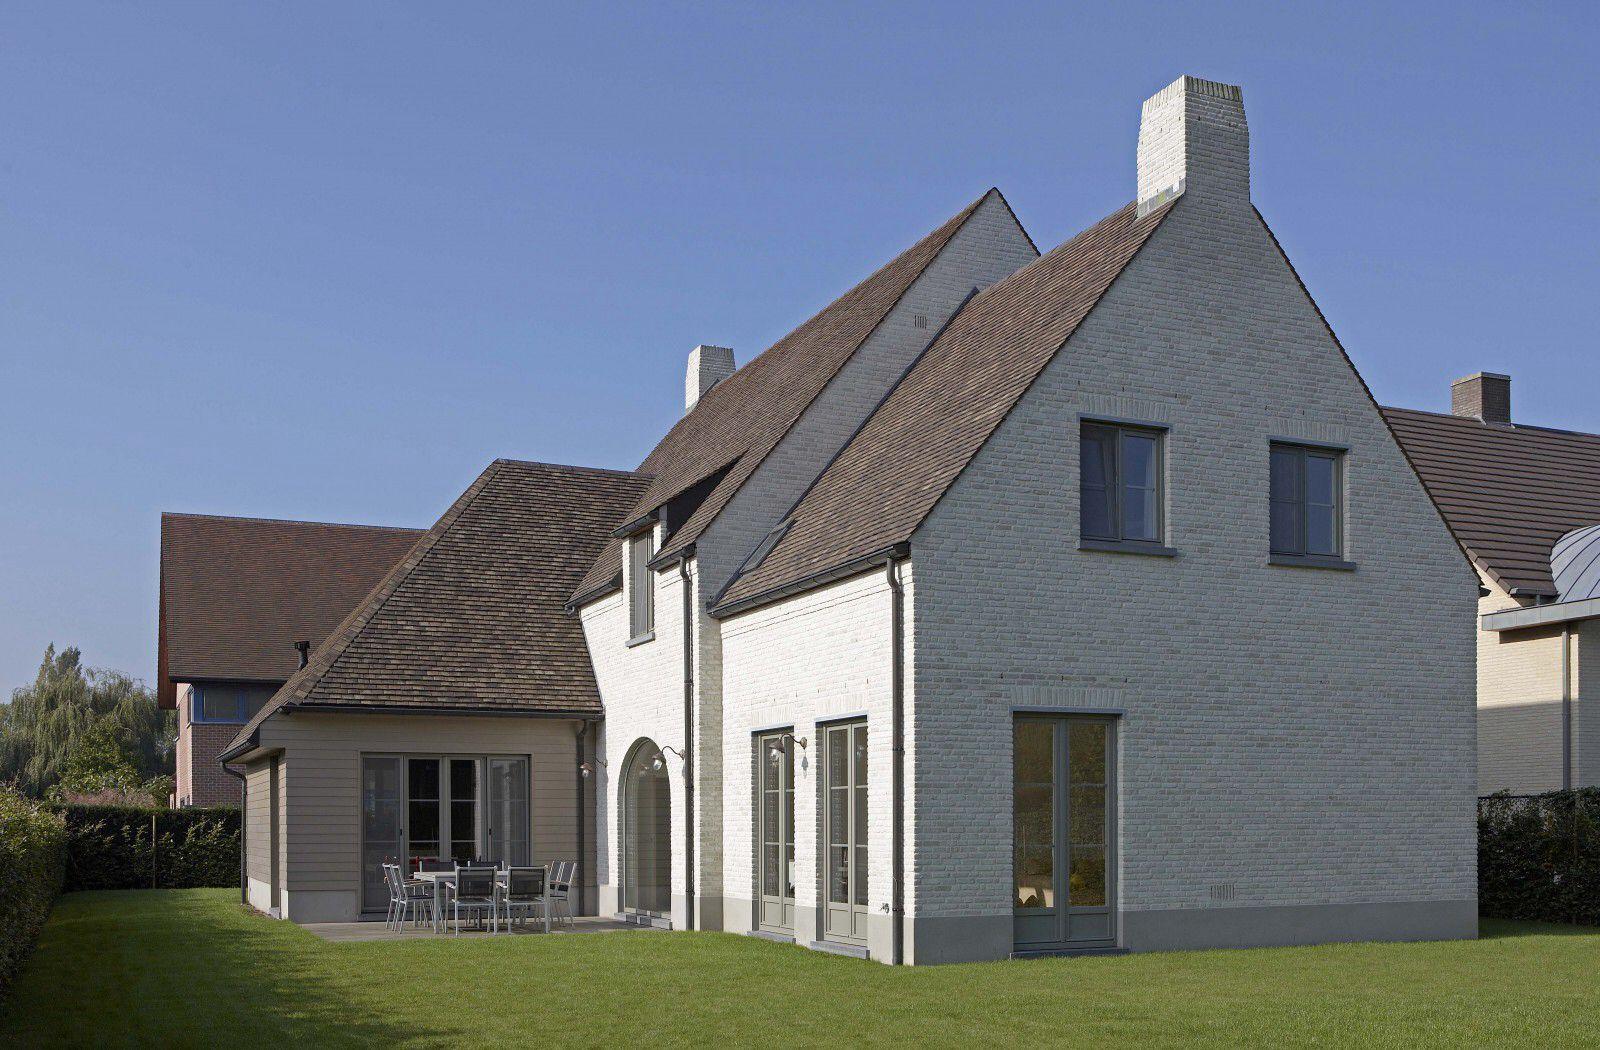 Ontwerp dumobil villabouw kempische en pastorijstijl pinterest ontwerp witte huizen en - Ontwerp buitenkant ontwerp ...